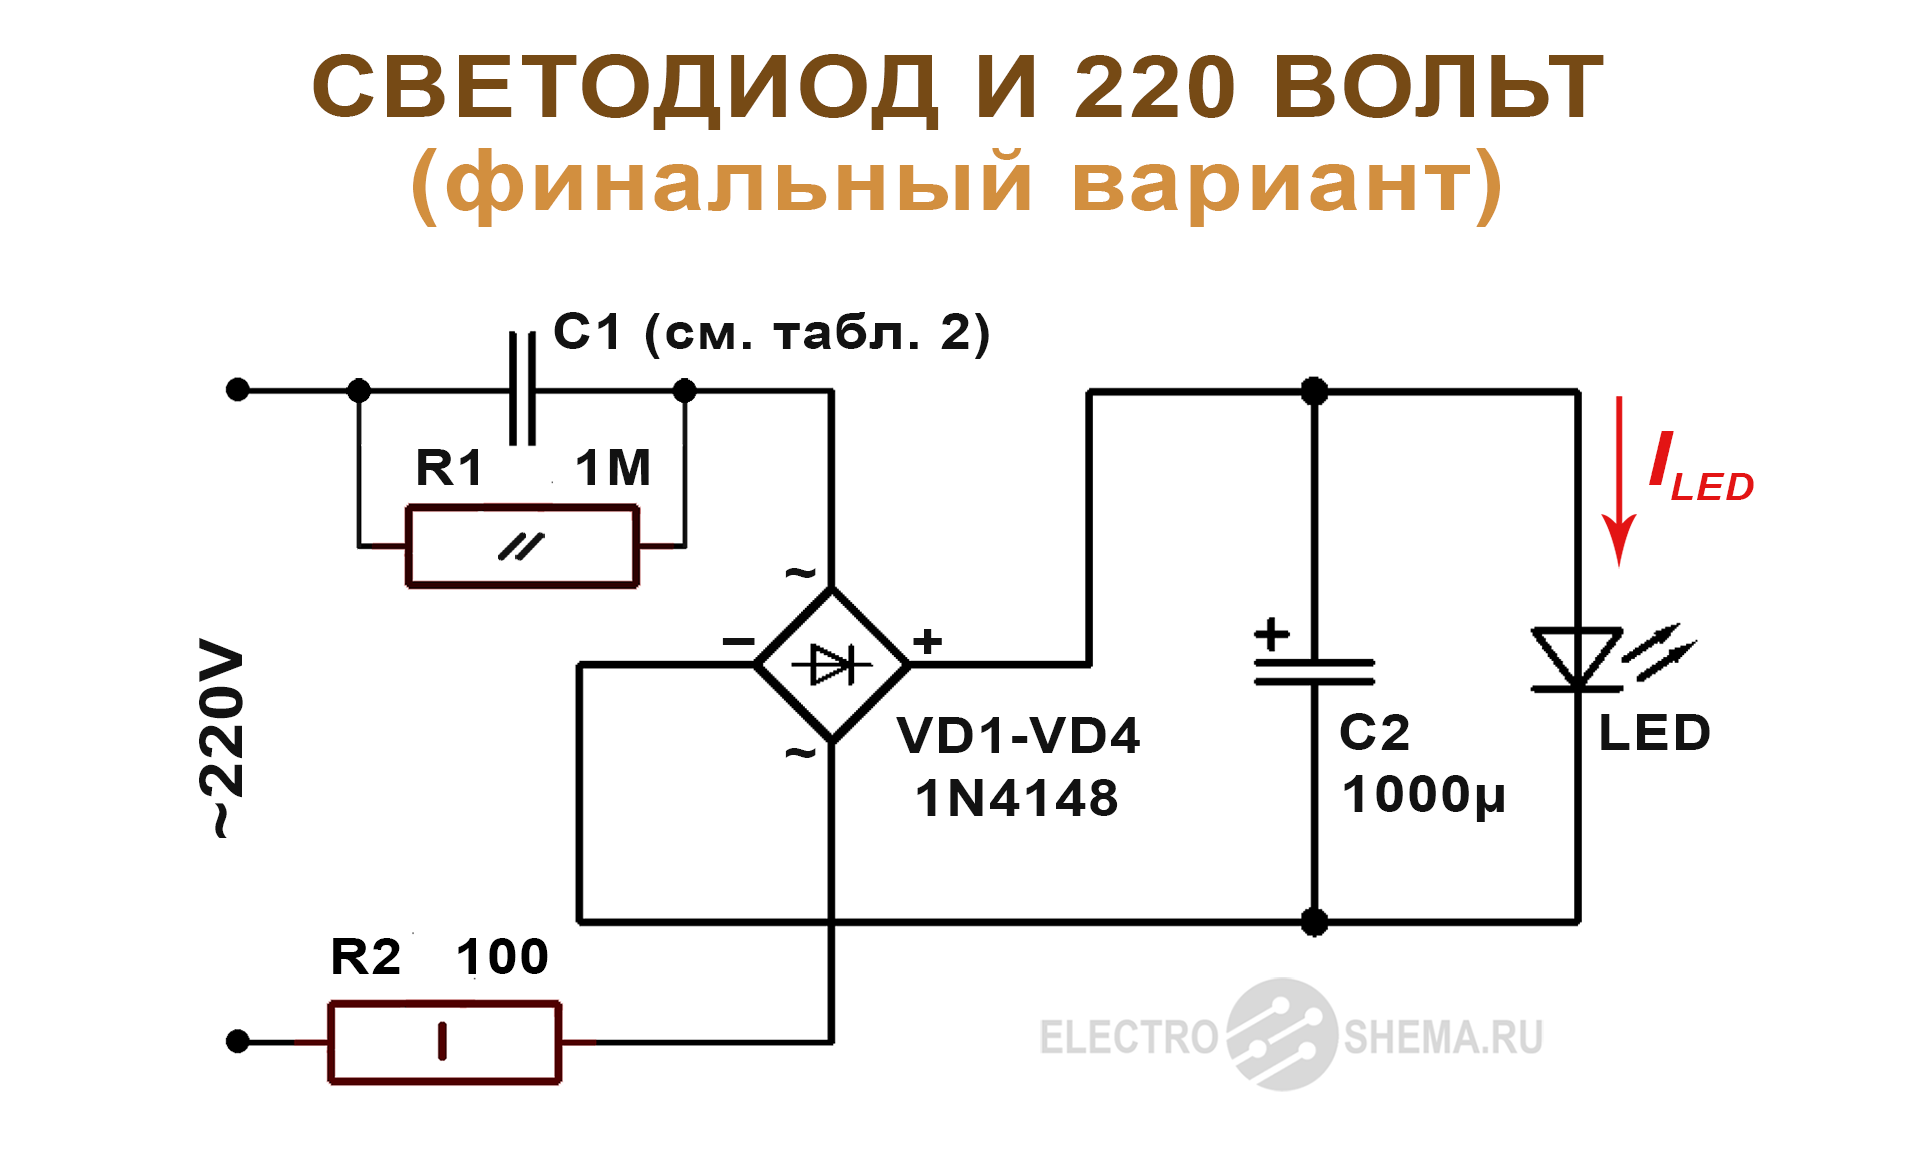 Схема включения светодиода в 220 вольт с балластным гасящим конденсатором